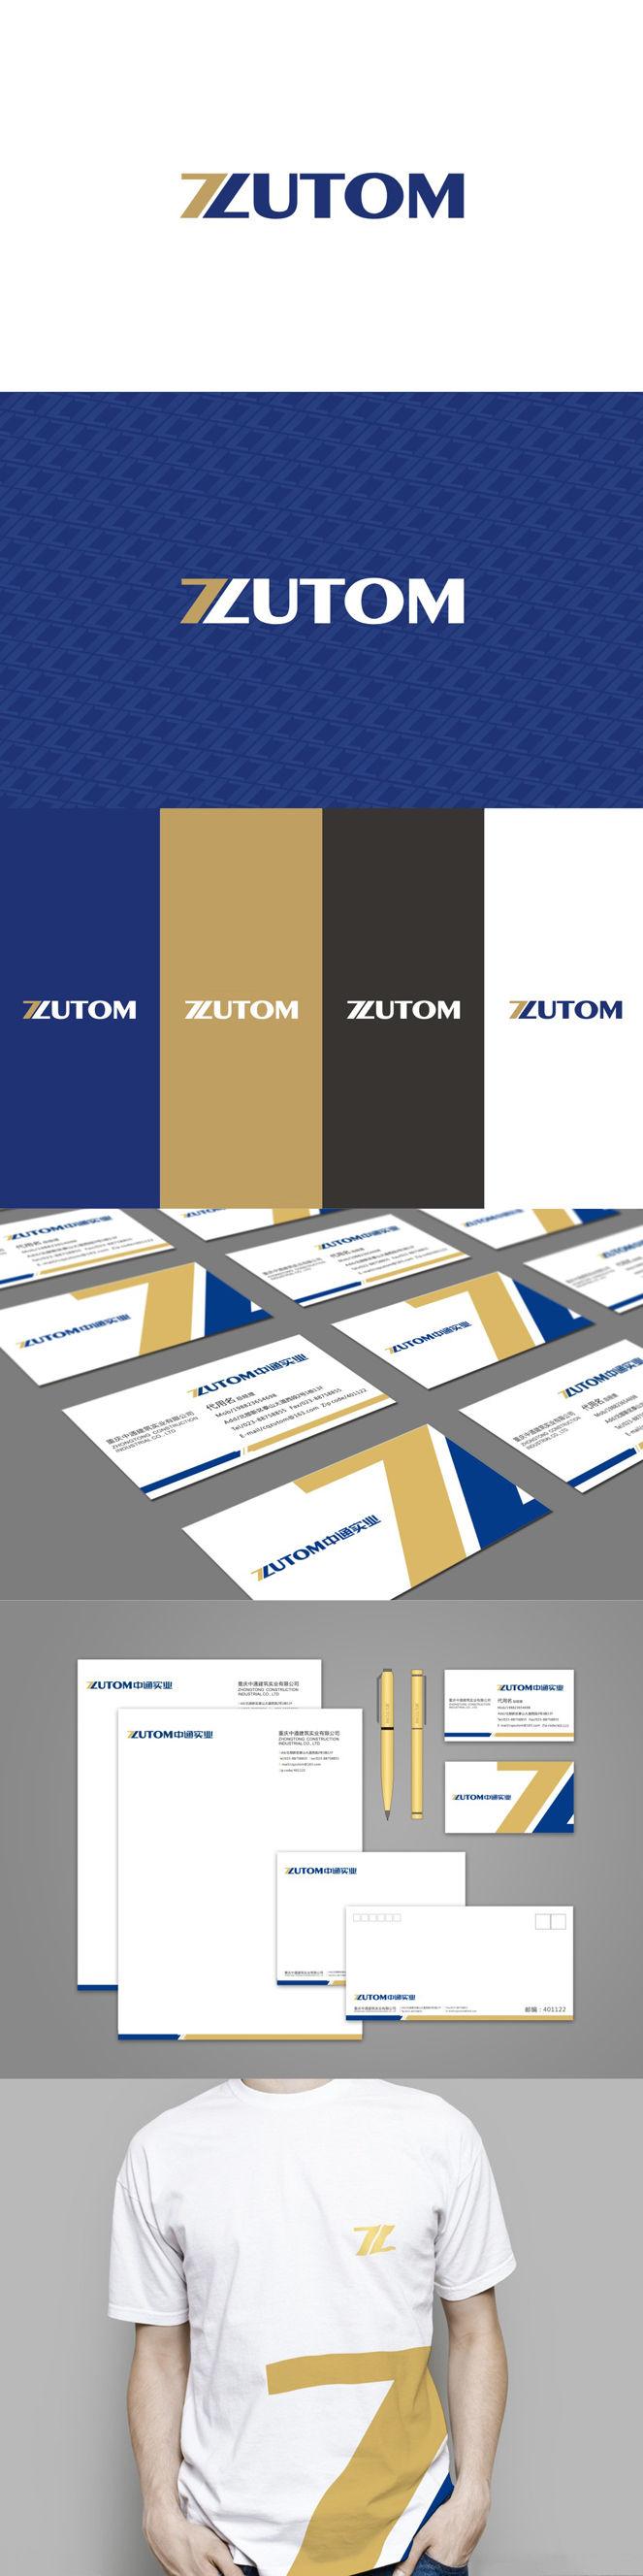 重庆王双企业形象设计公司 案例分享